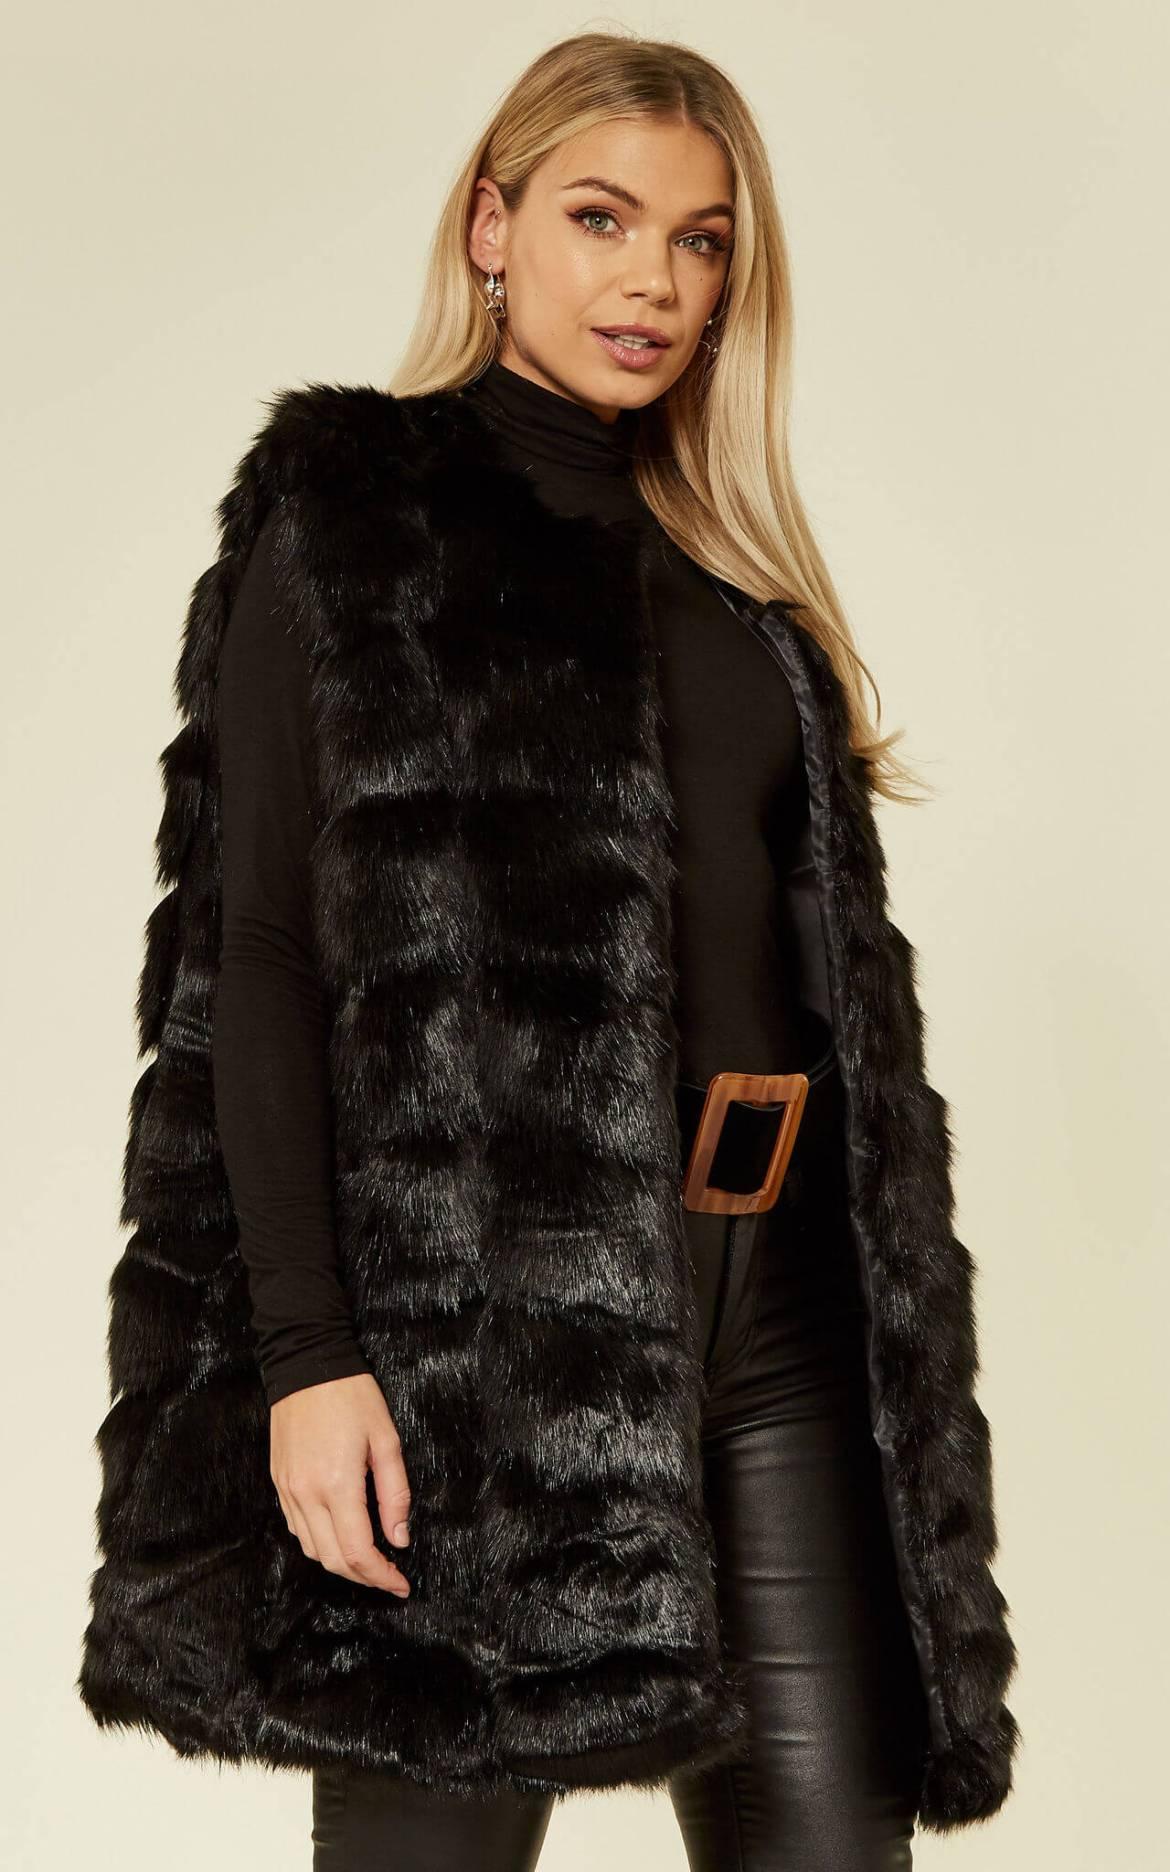 Model wears the black faux fur gilet over black rollneck